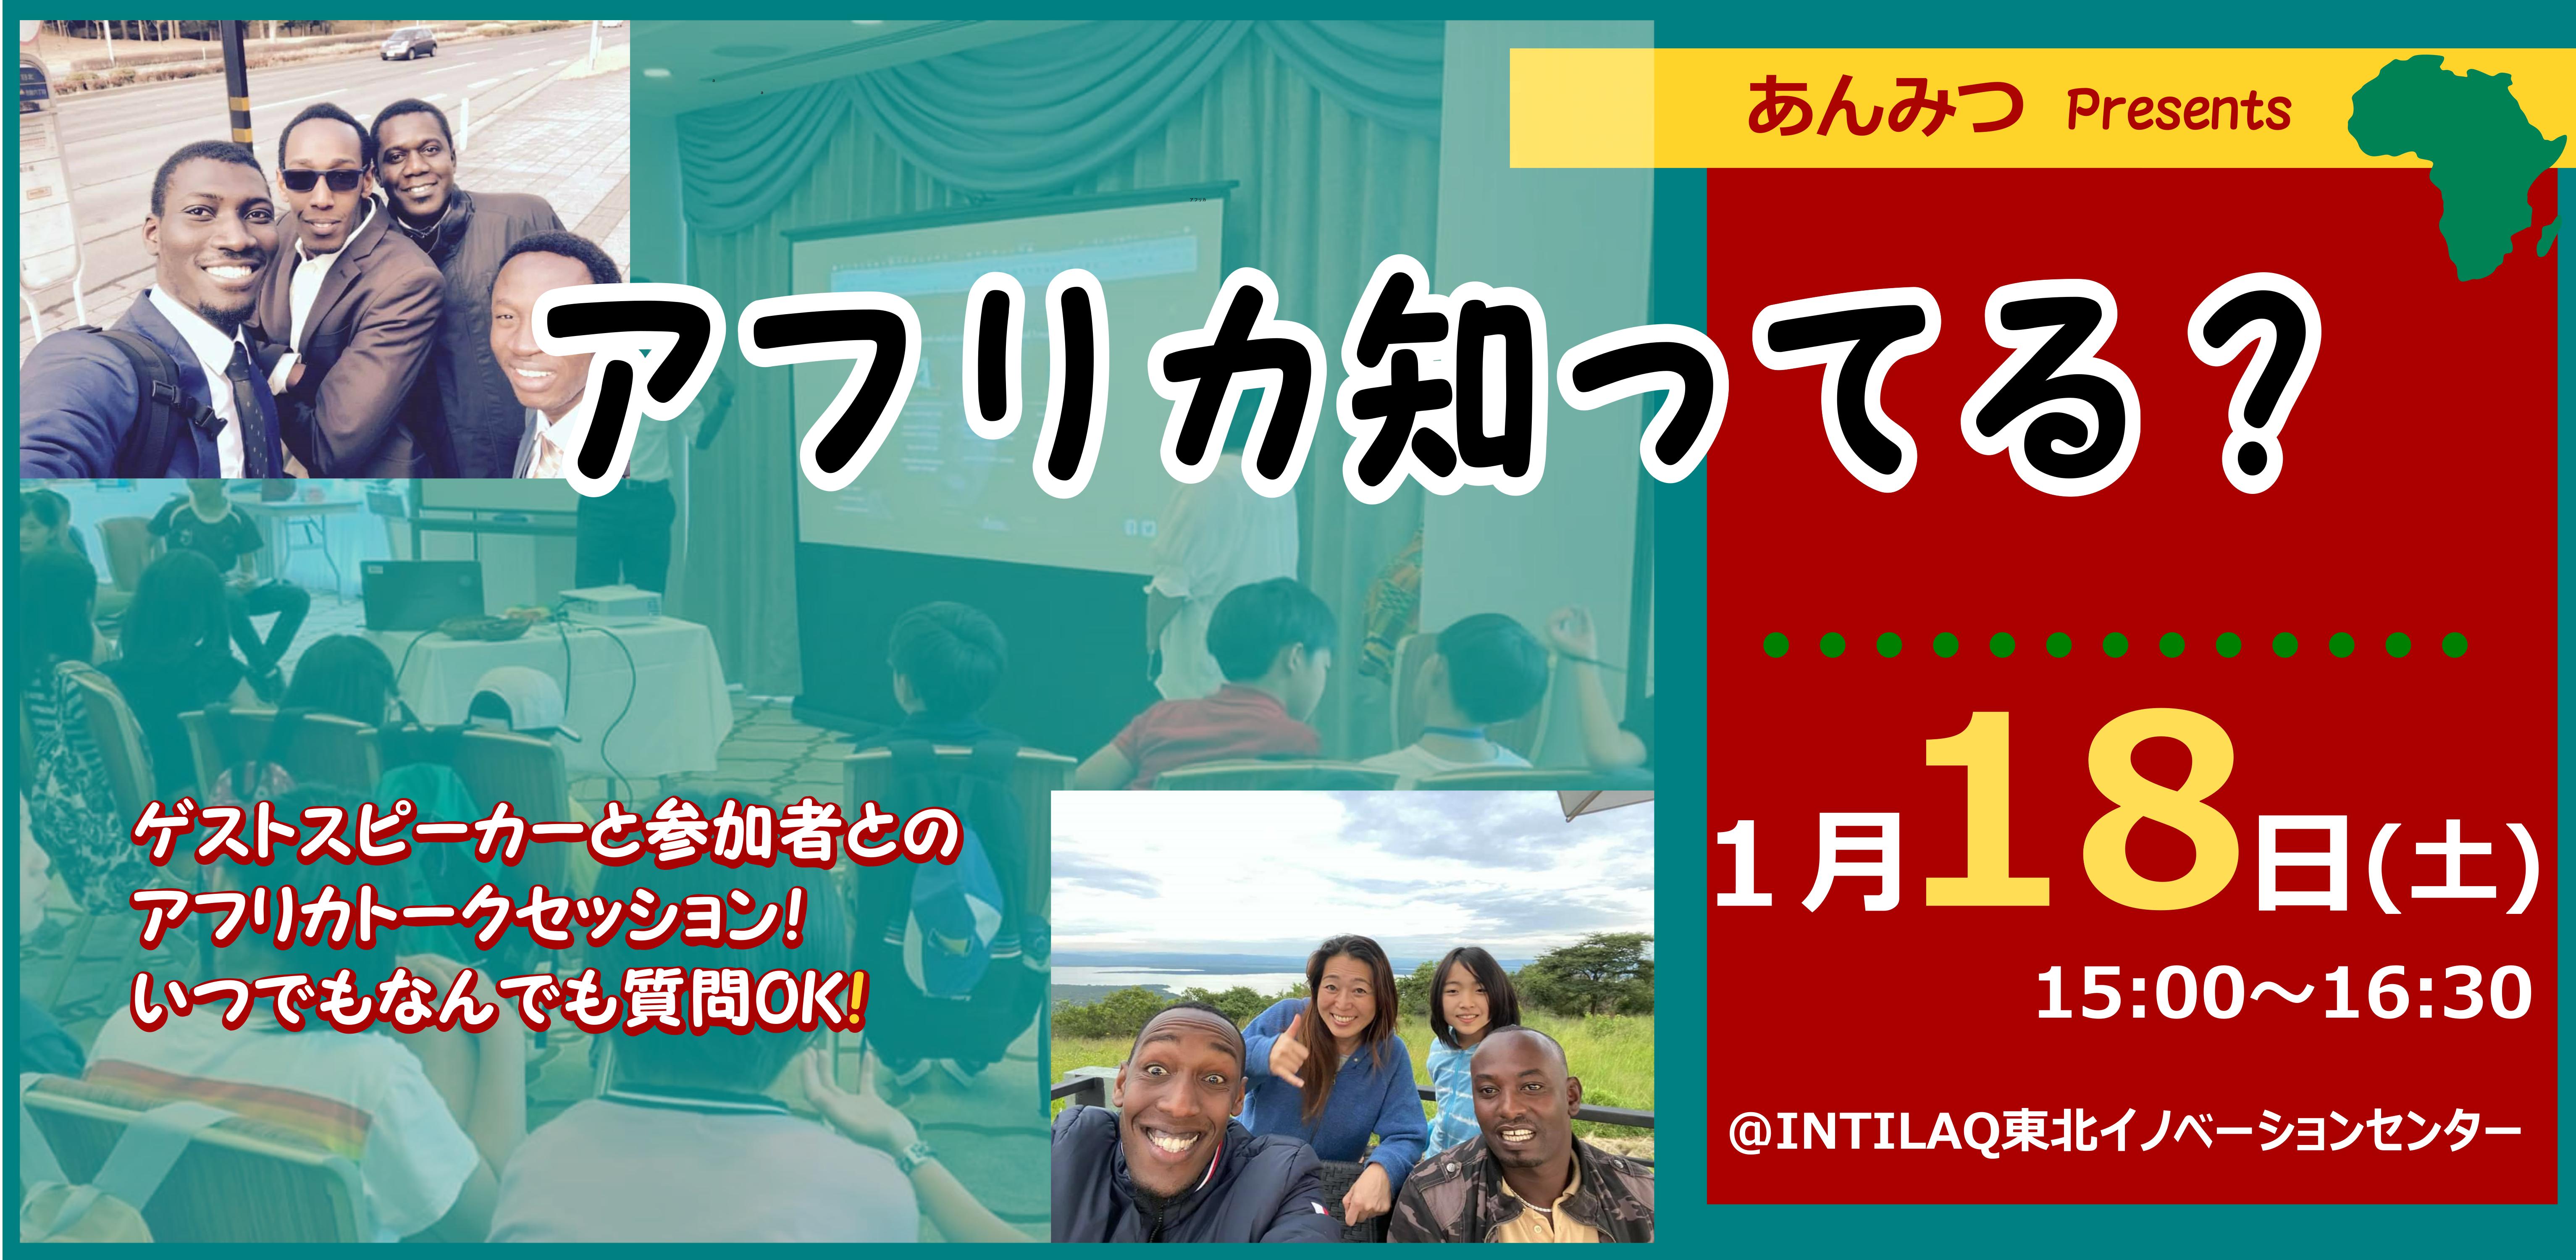 『アフリカ知ってる!?』~ ANMITU国際交流イベント ~